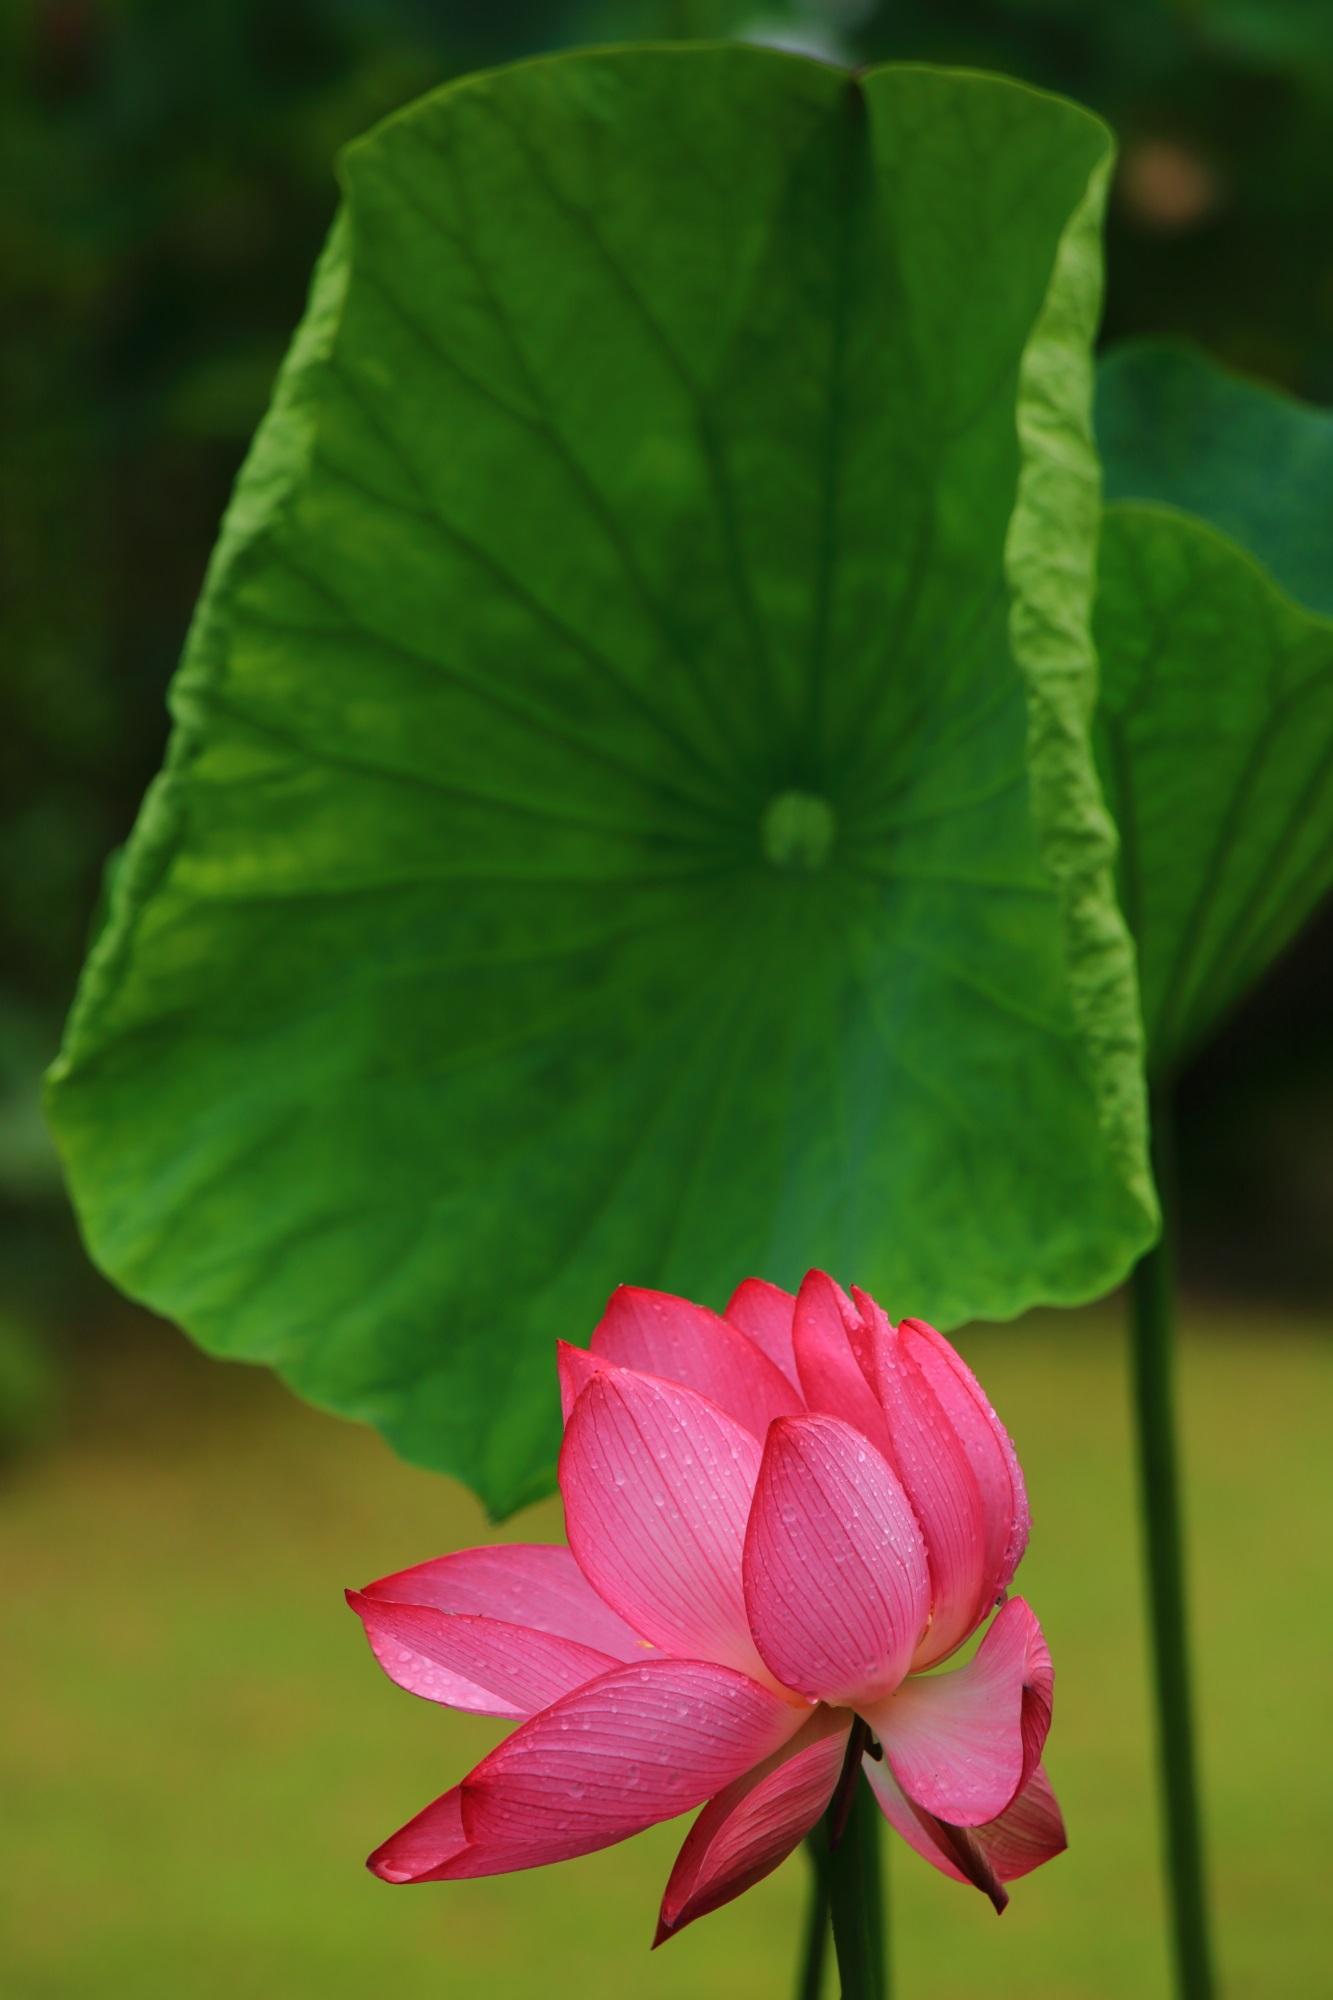 緑の葉を盾にしたかのような淡く煌くピンクの蓮の花